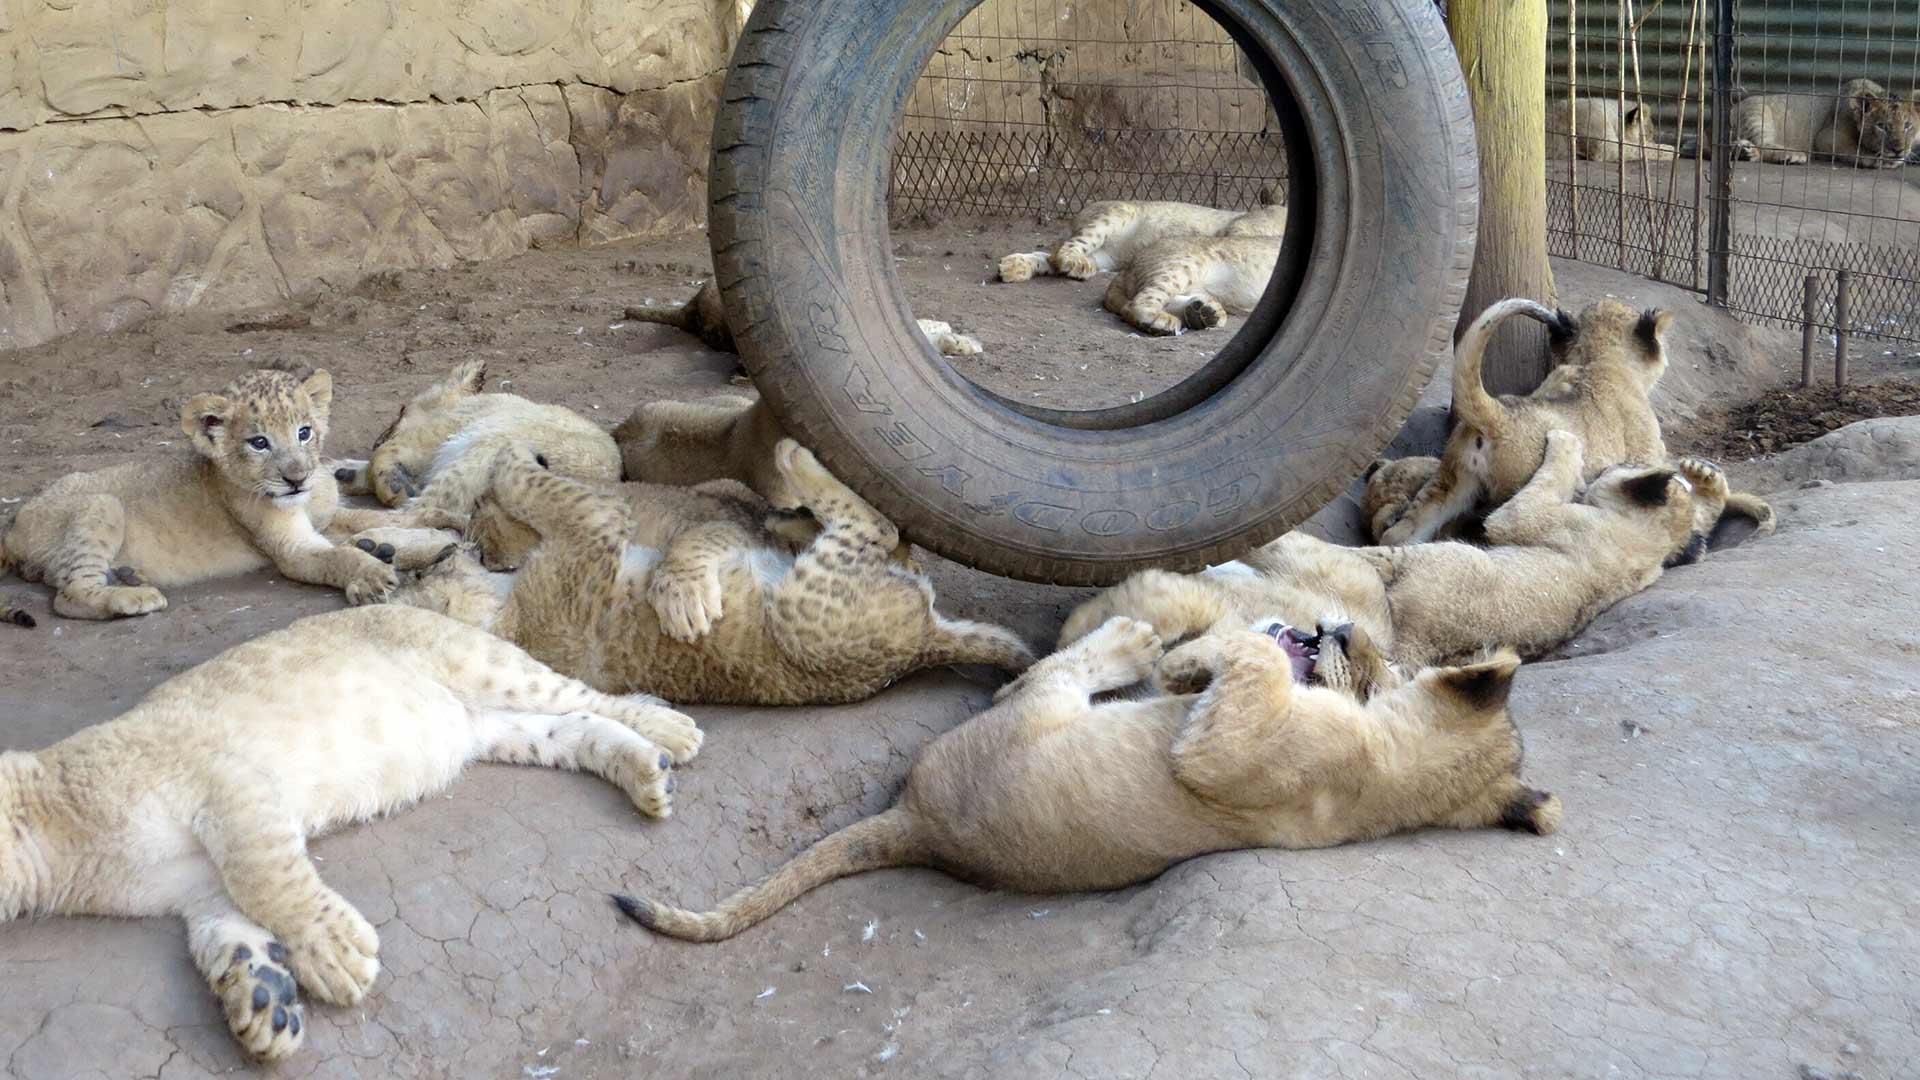 Löwen in Löwenfarm